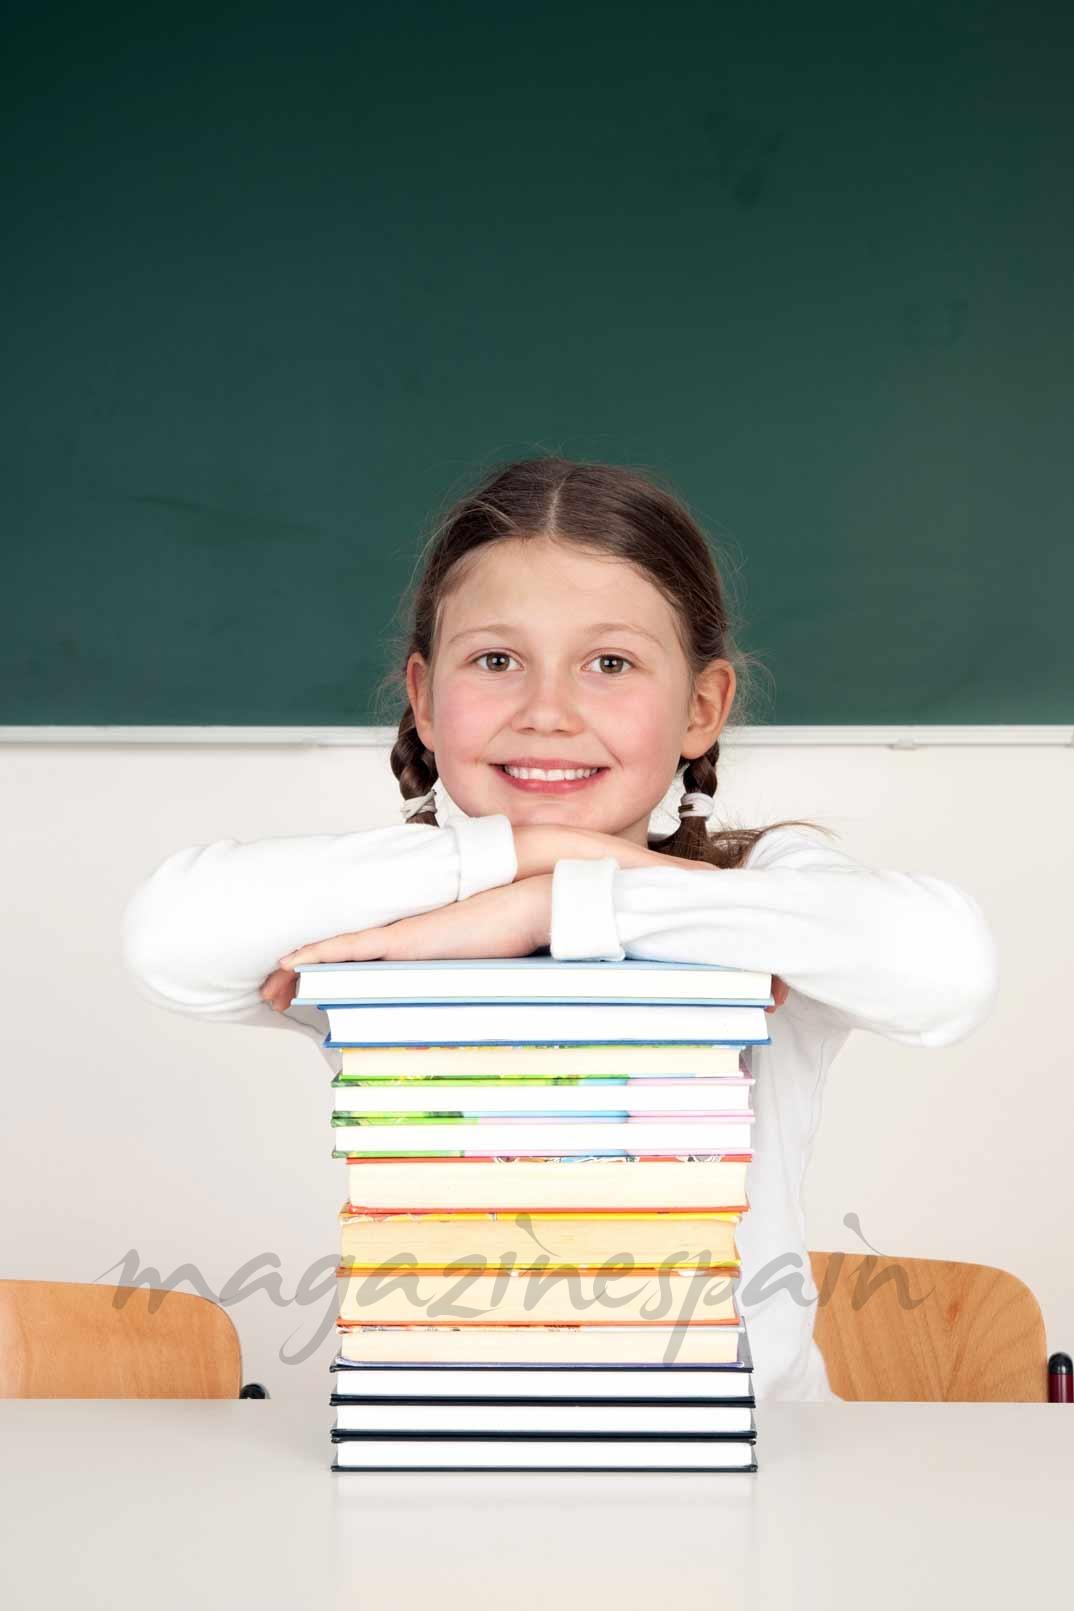 examenes colegio